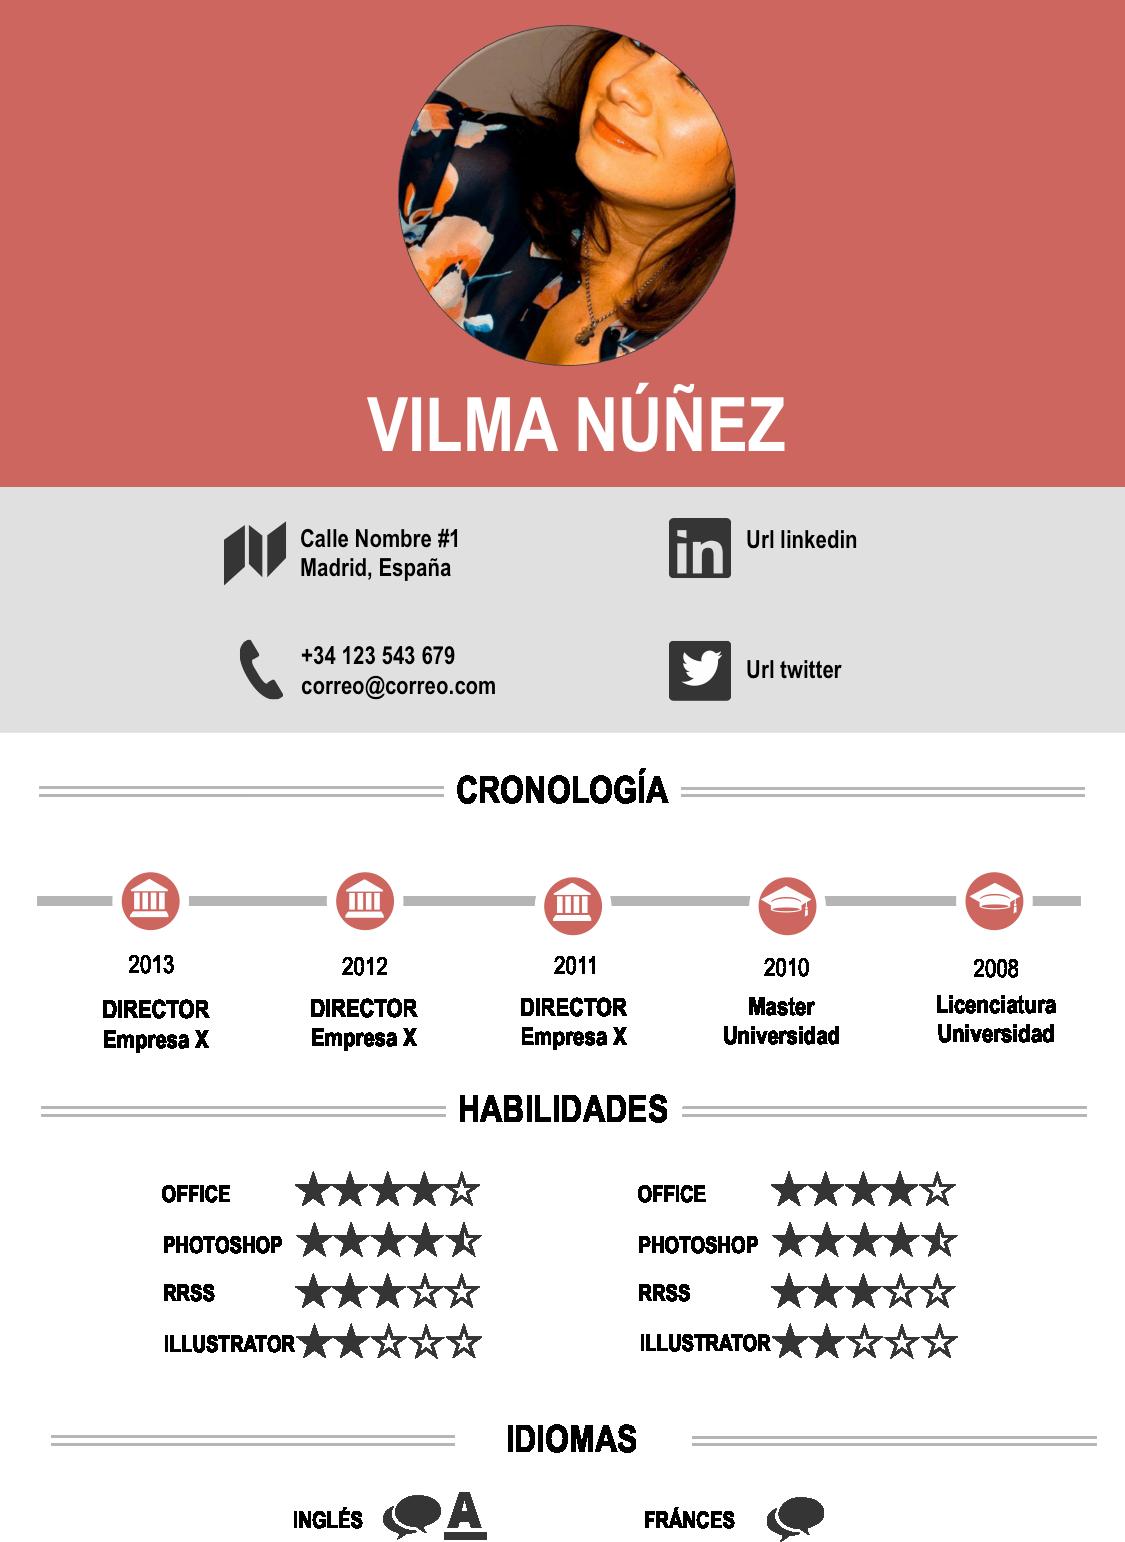 Ejemplo de CV infográfico vía Vilma Nuñez | Board | Pinterest ...